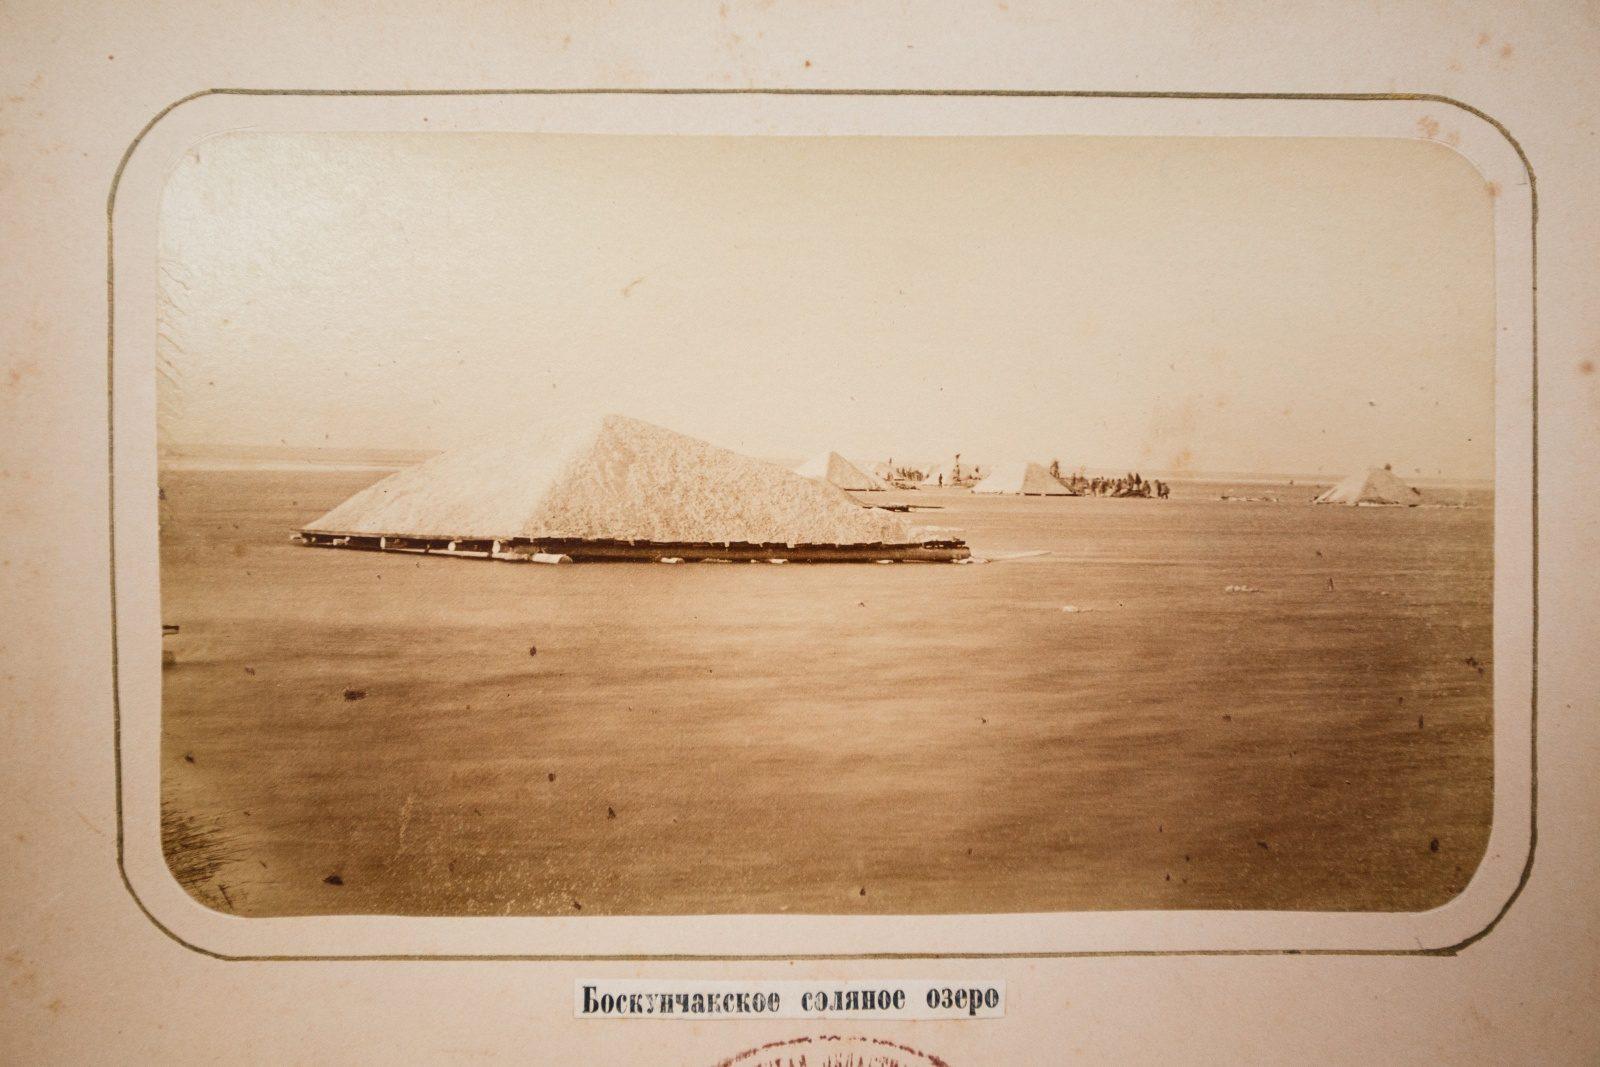 Astrakhan, Boshkunchak Salt Lake